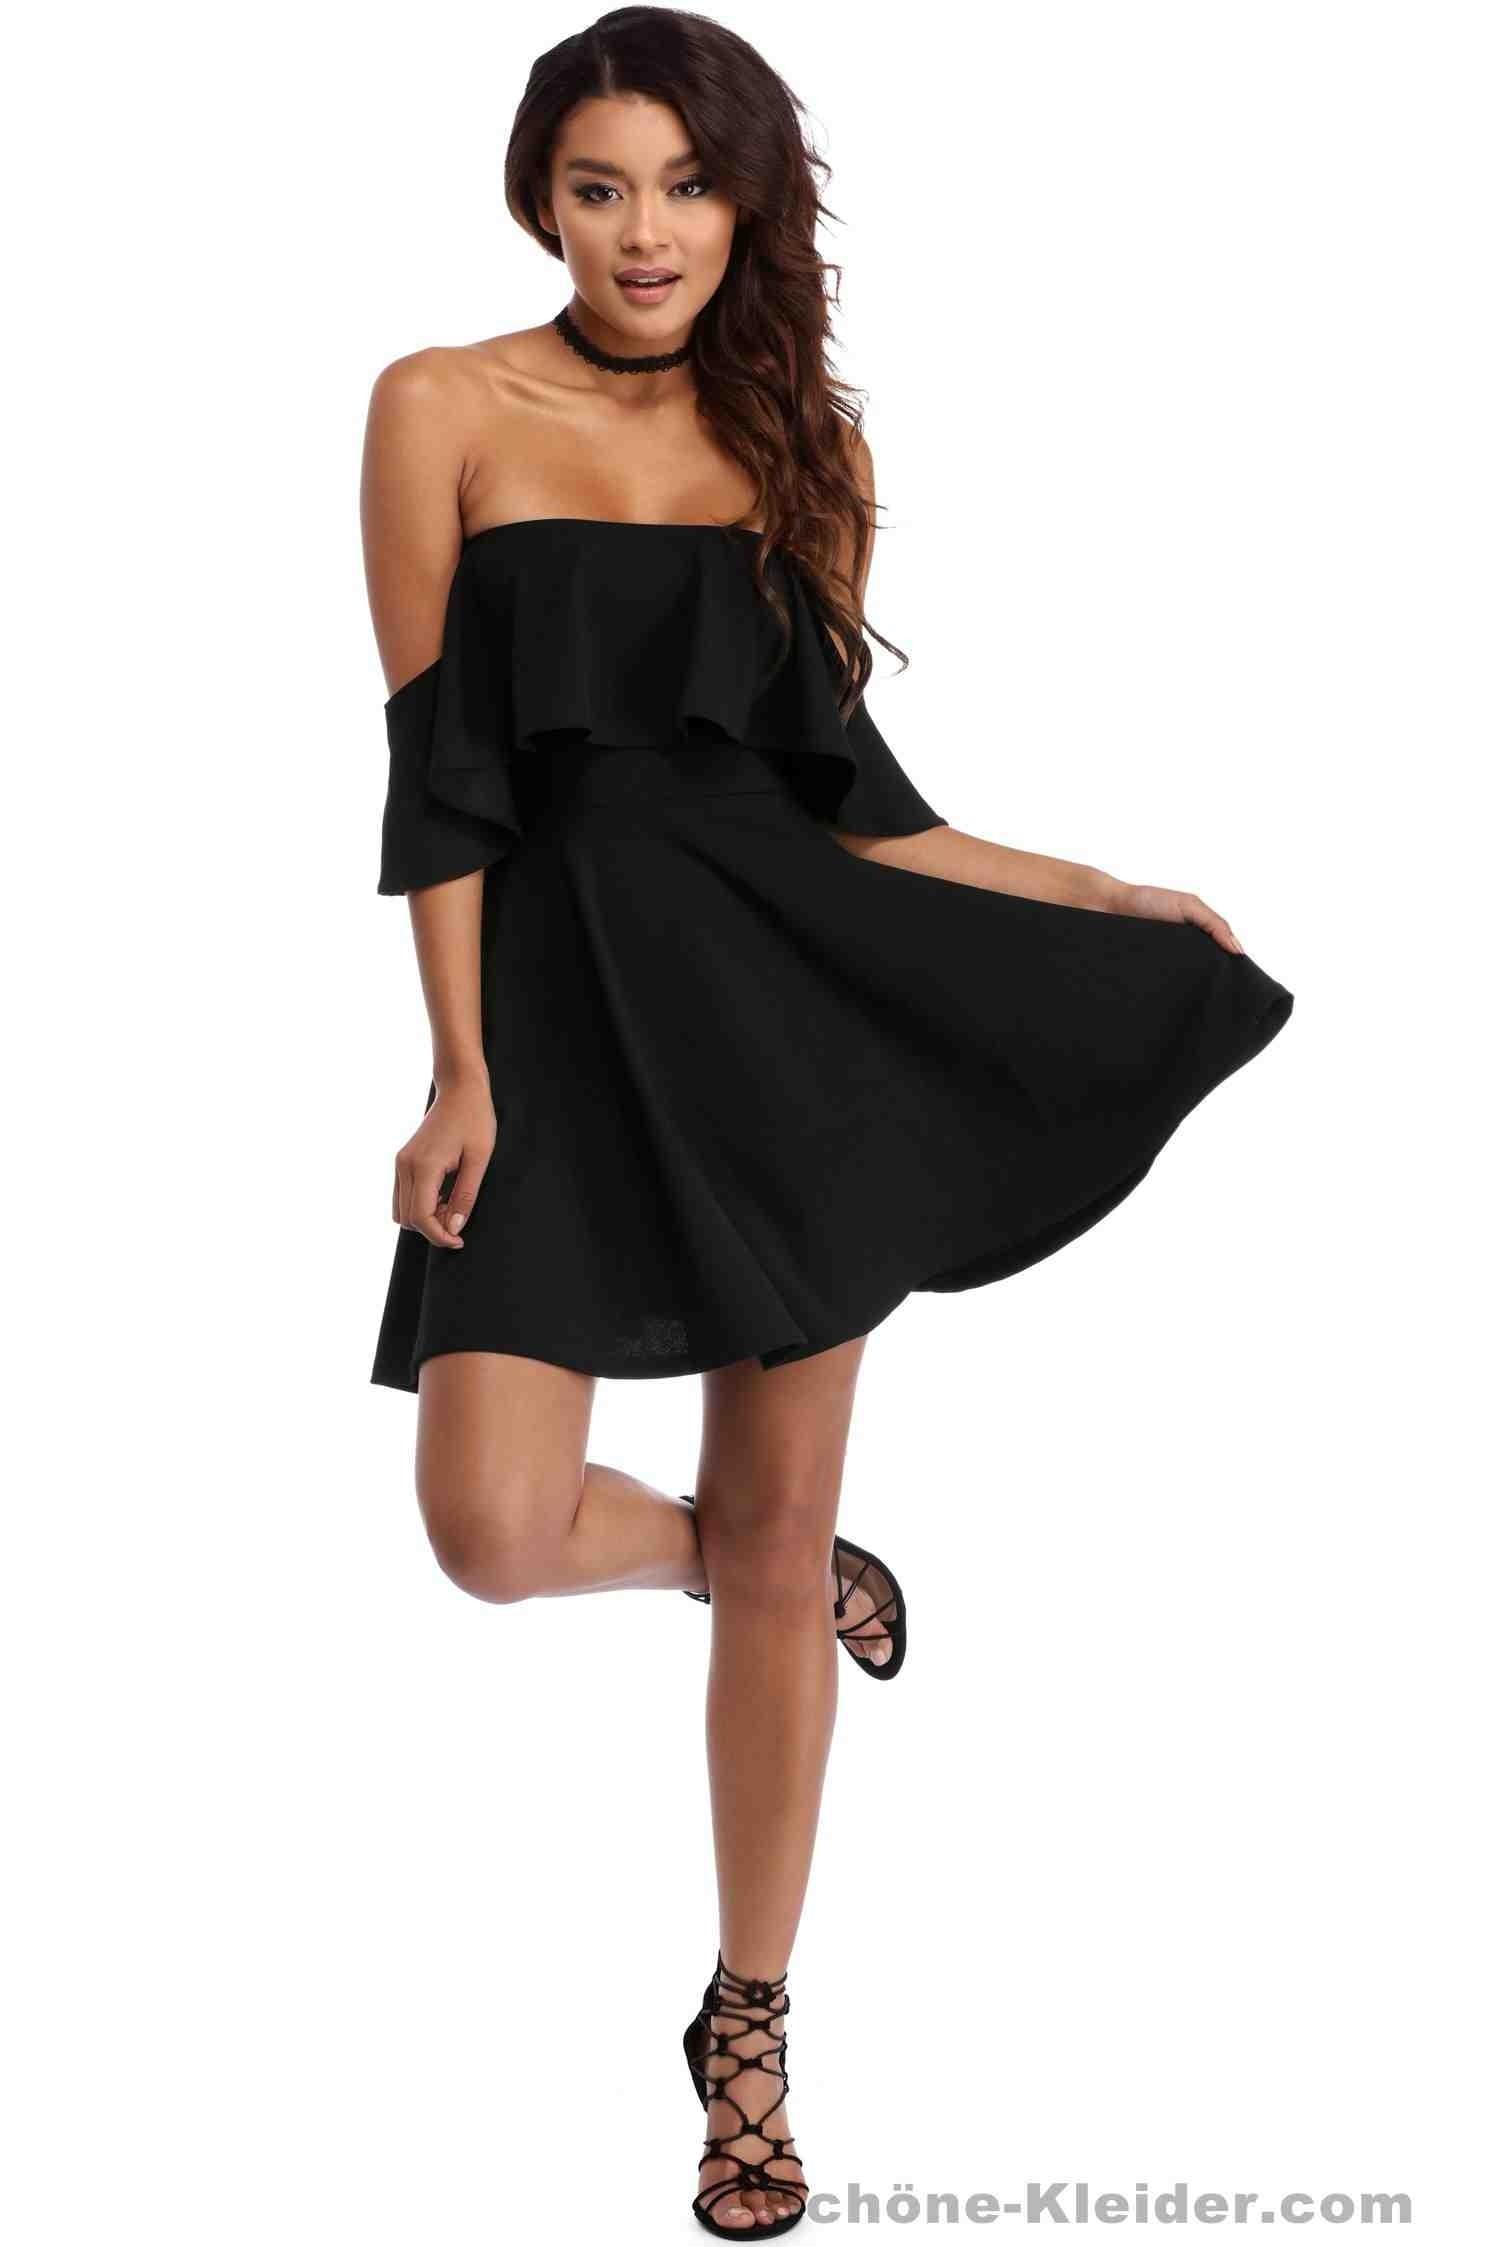 18 Fantastisch Damen Kleider Kurz Design - Abendkleid